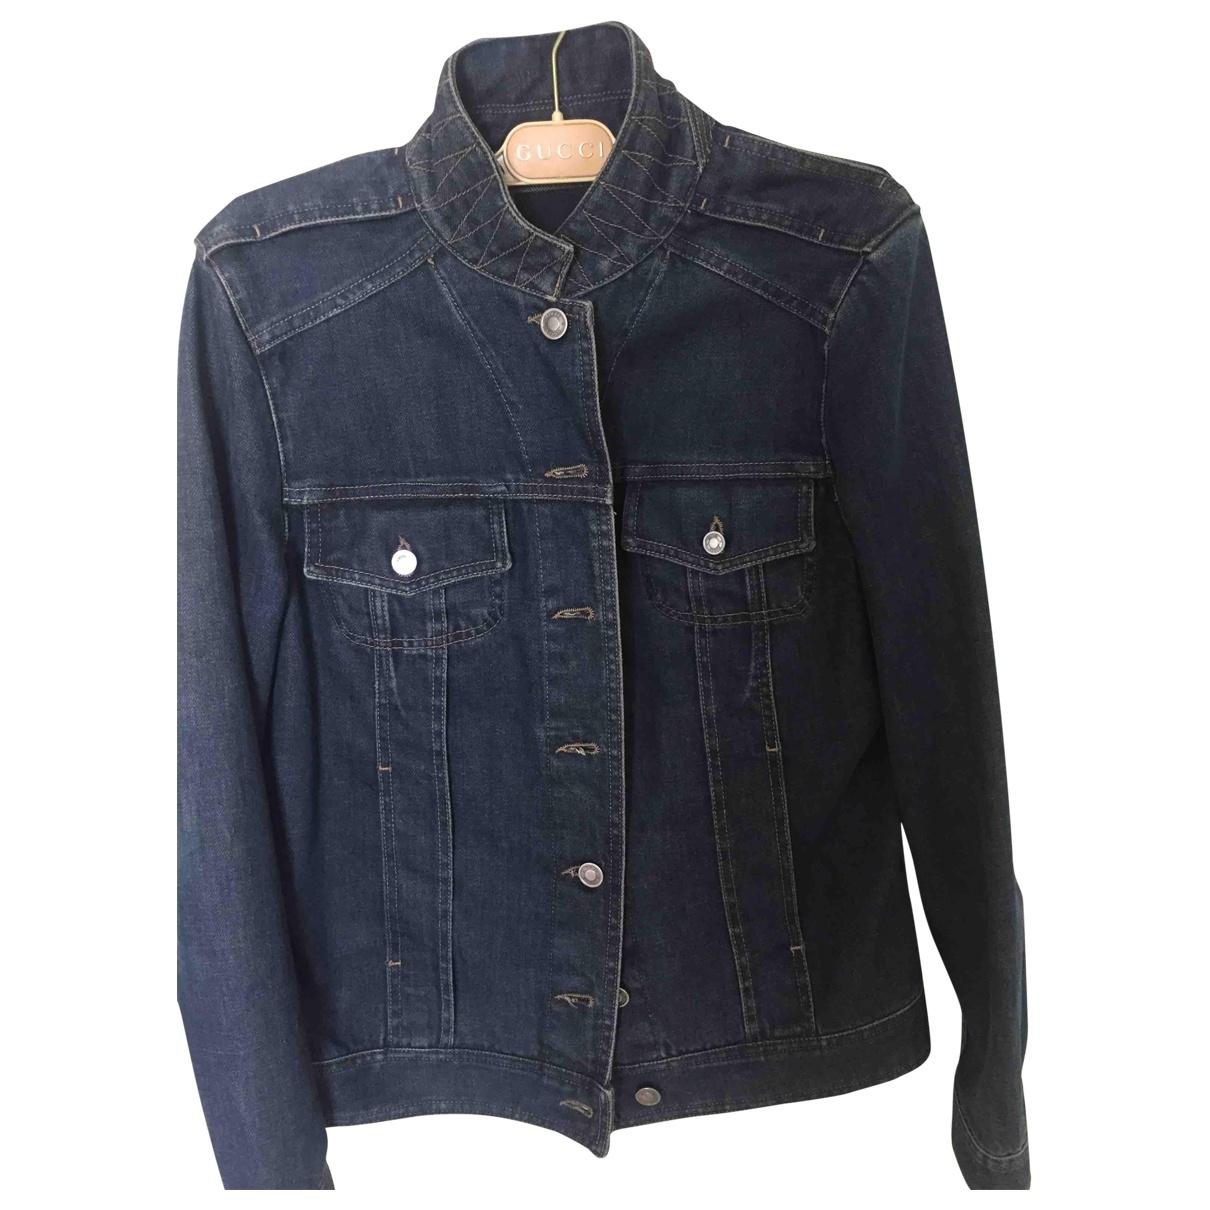 Gucci \N Blue Denim - Jeans jacket for Women 42 IT